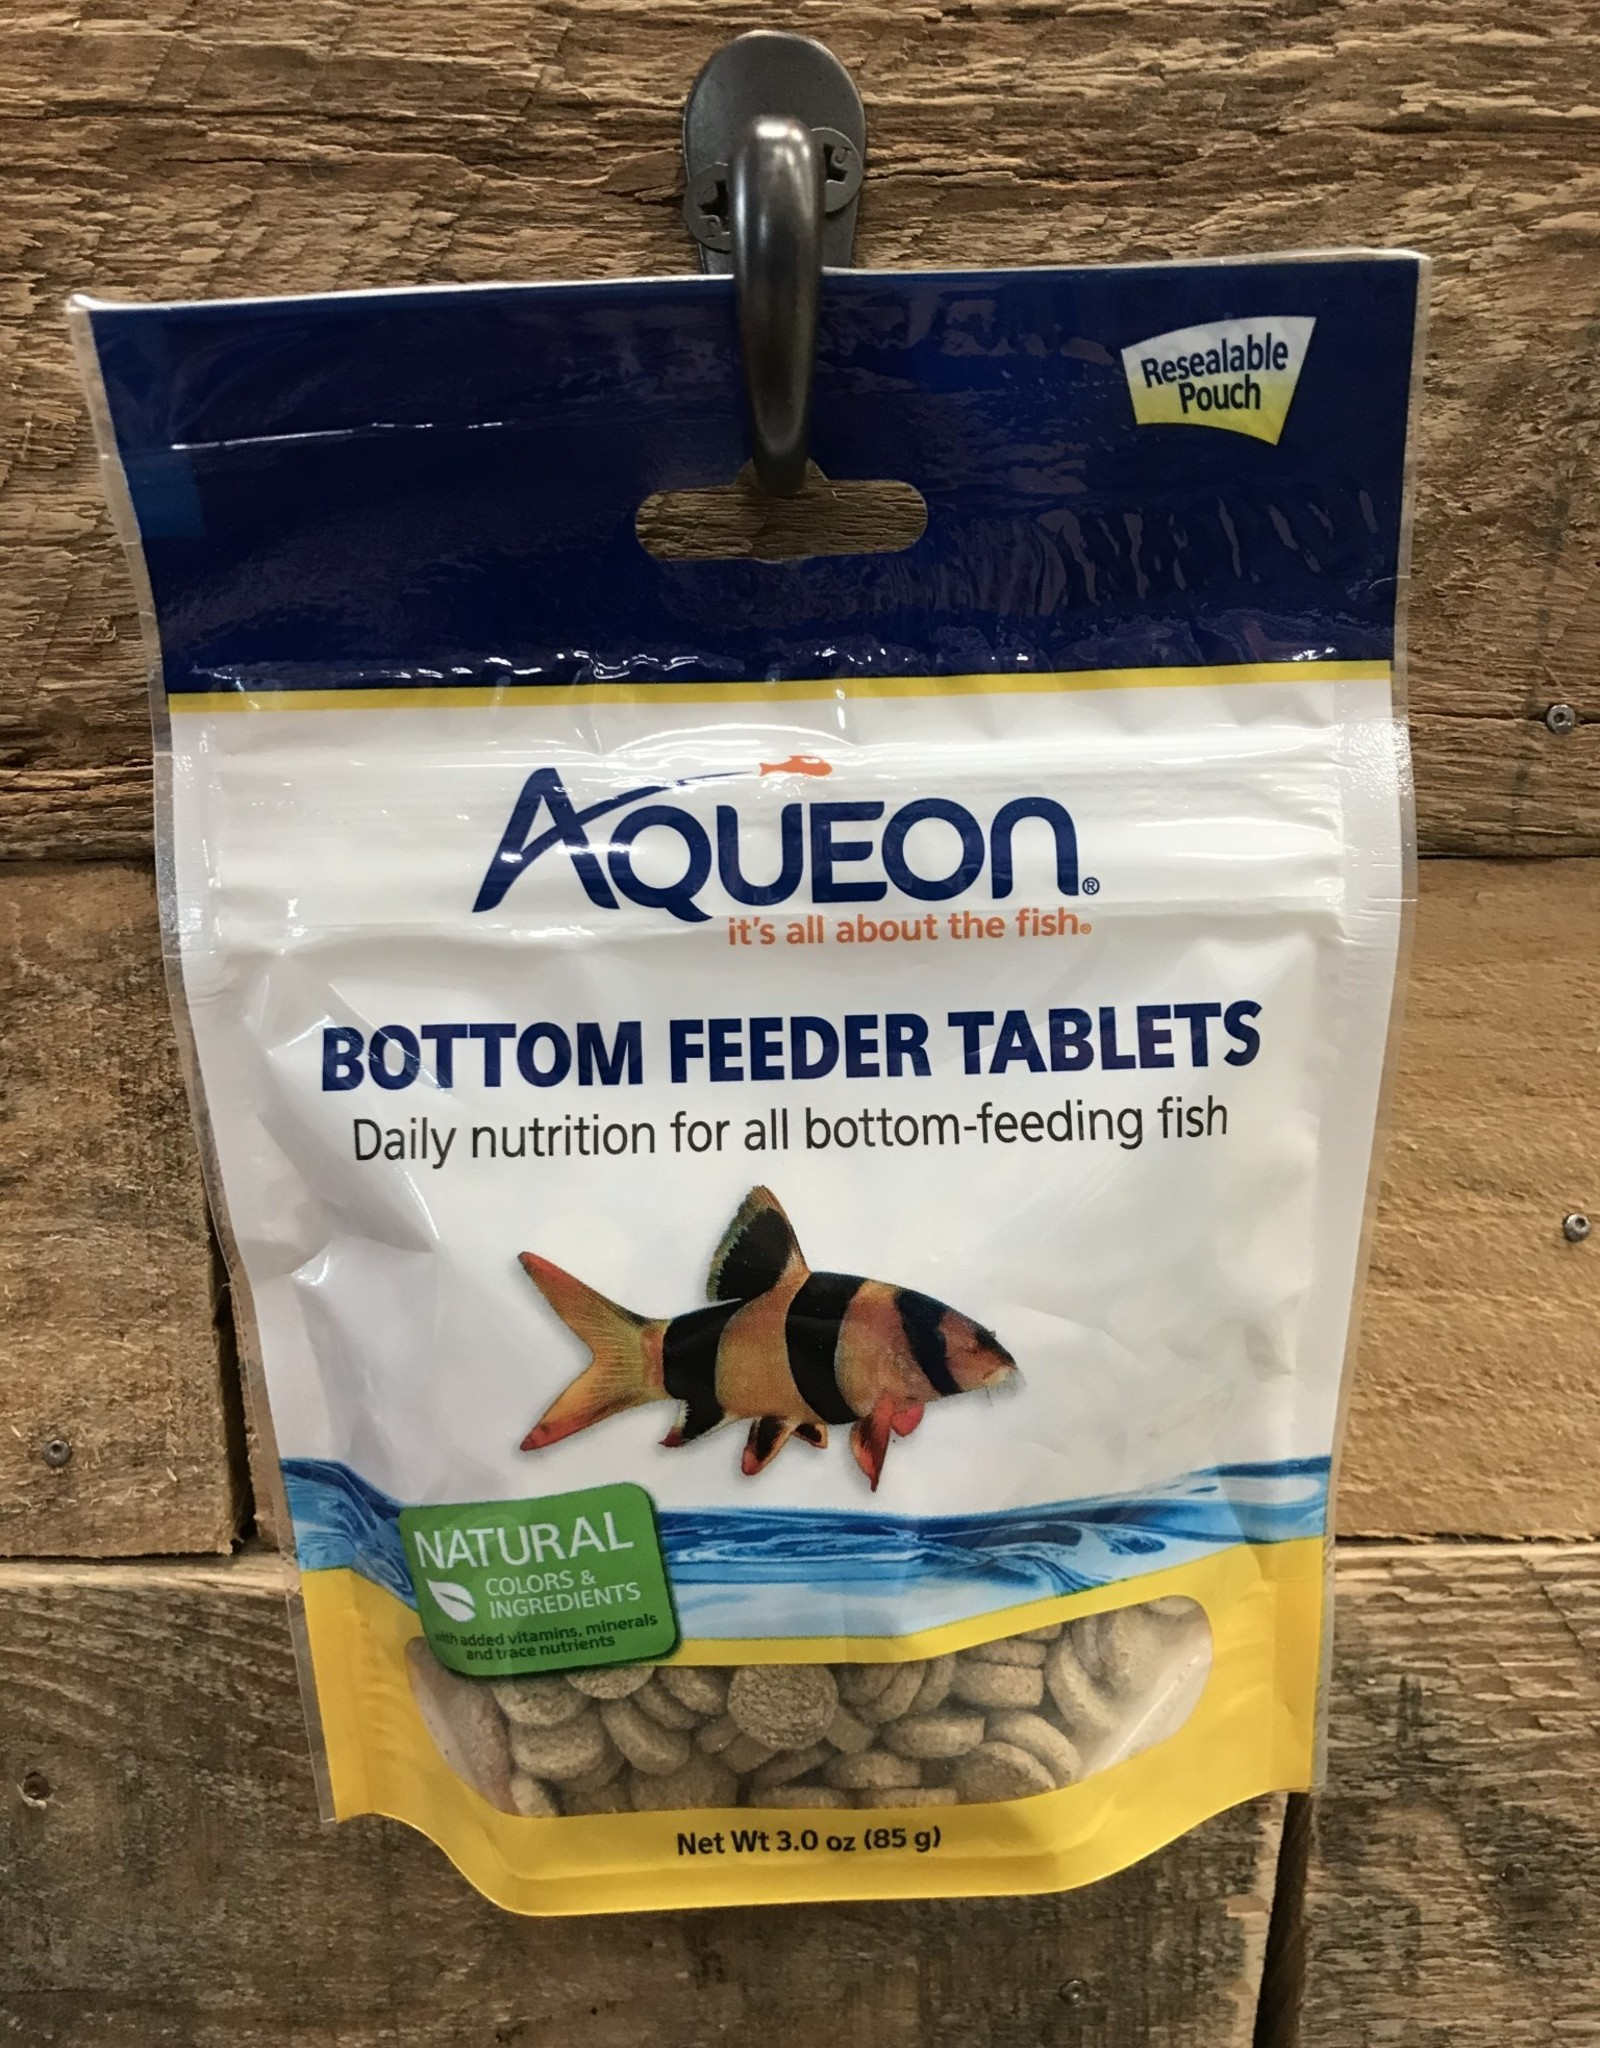 Aqueon Aqueon 3 OZ. BOTTOM FEEDER TABLETS - POUCH